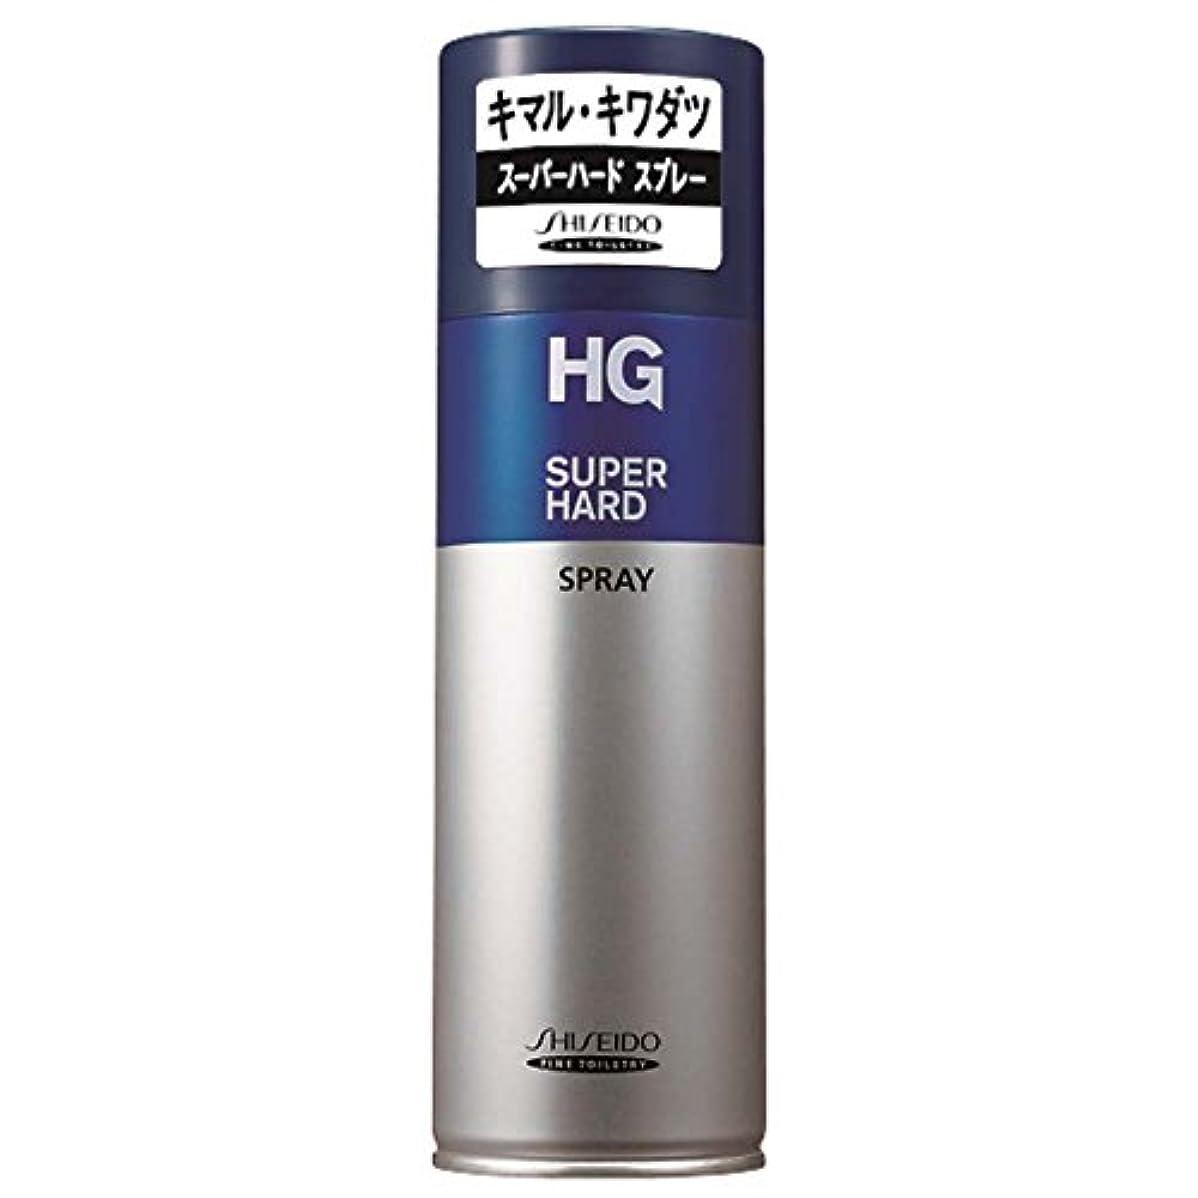 固体義務的ディレクターHG スーパーハード スプレー 230g